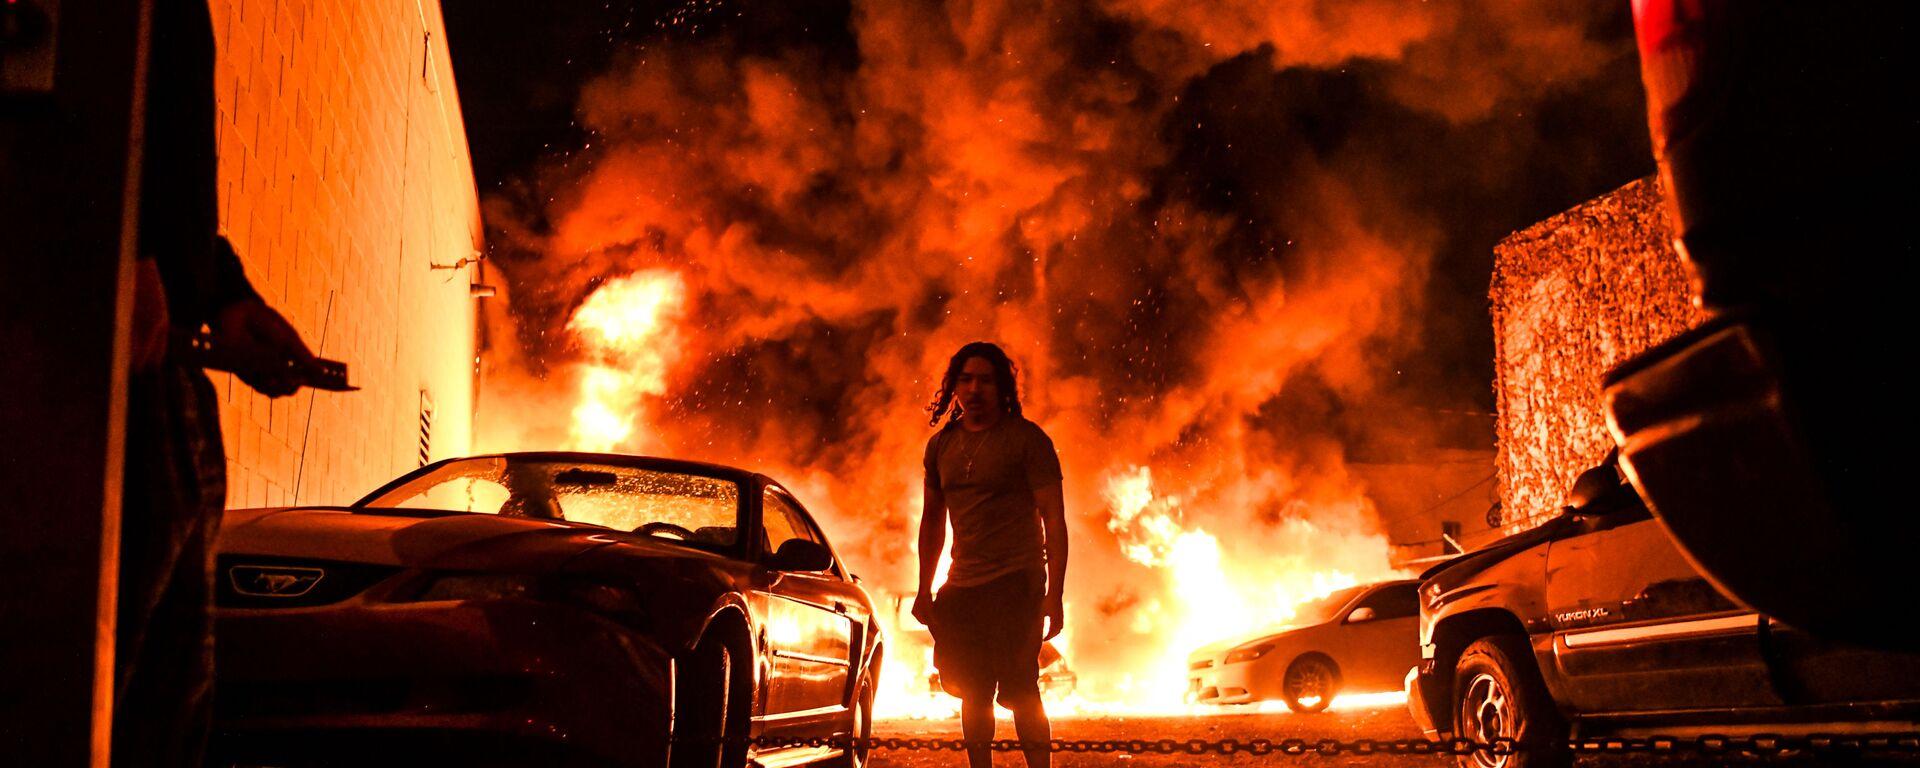 Горящие автомобили на фоне беспорядков, произошедших после смерти Джорджа Флойда от рук полицейских в Миннеаполисе, США  - Sputnik Таджикистан, 1920, 21.01.2021